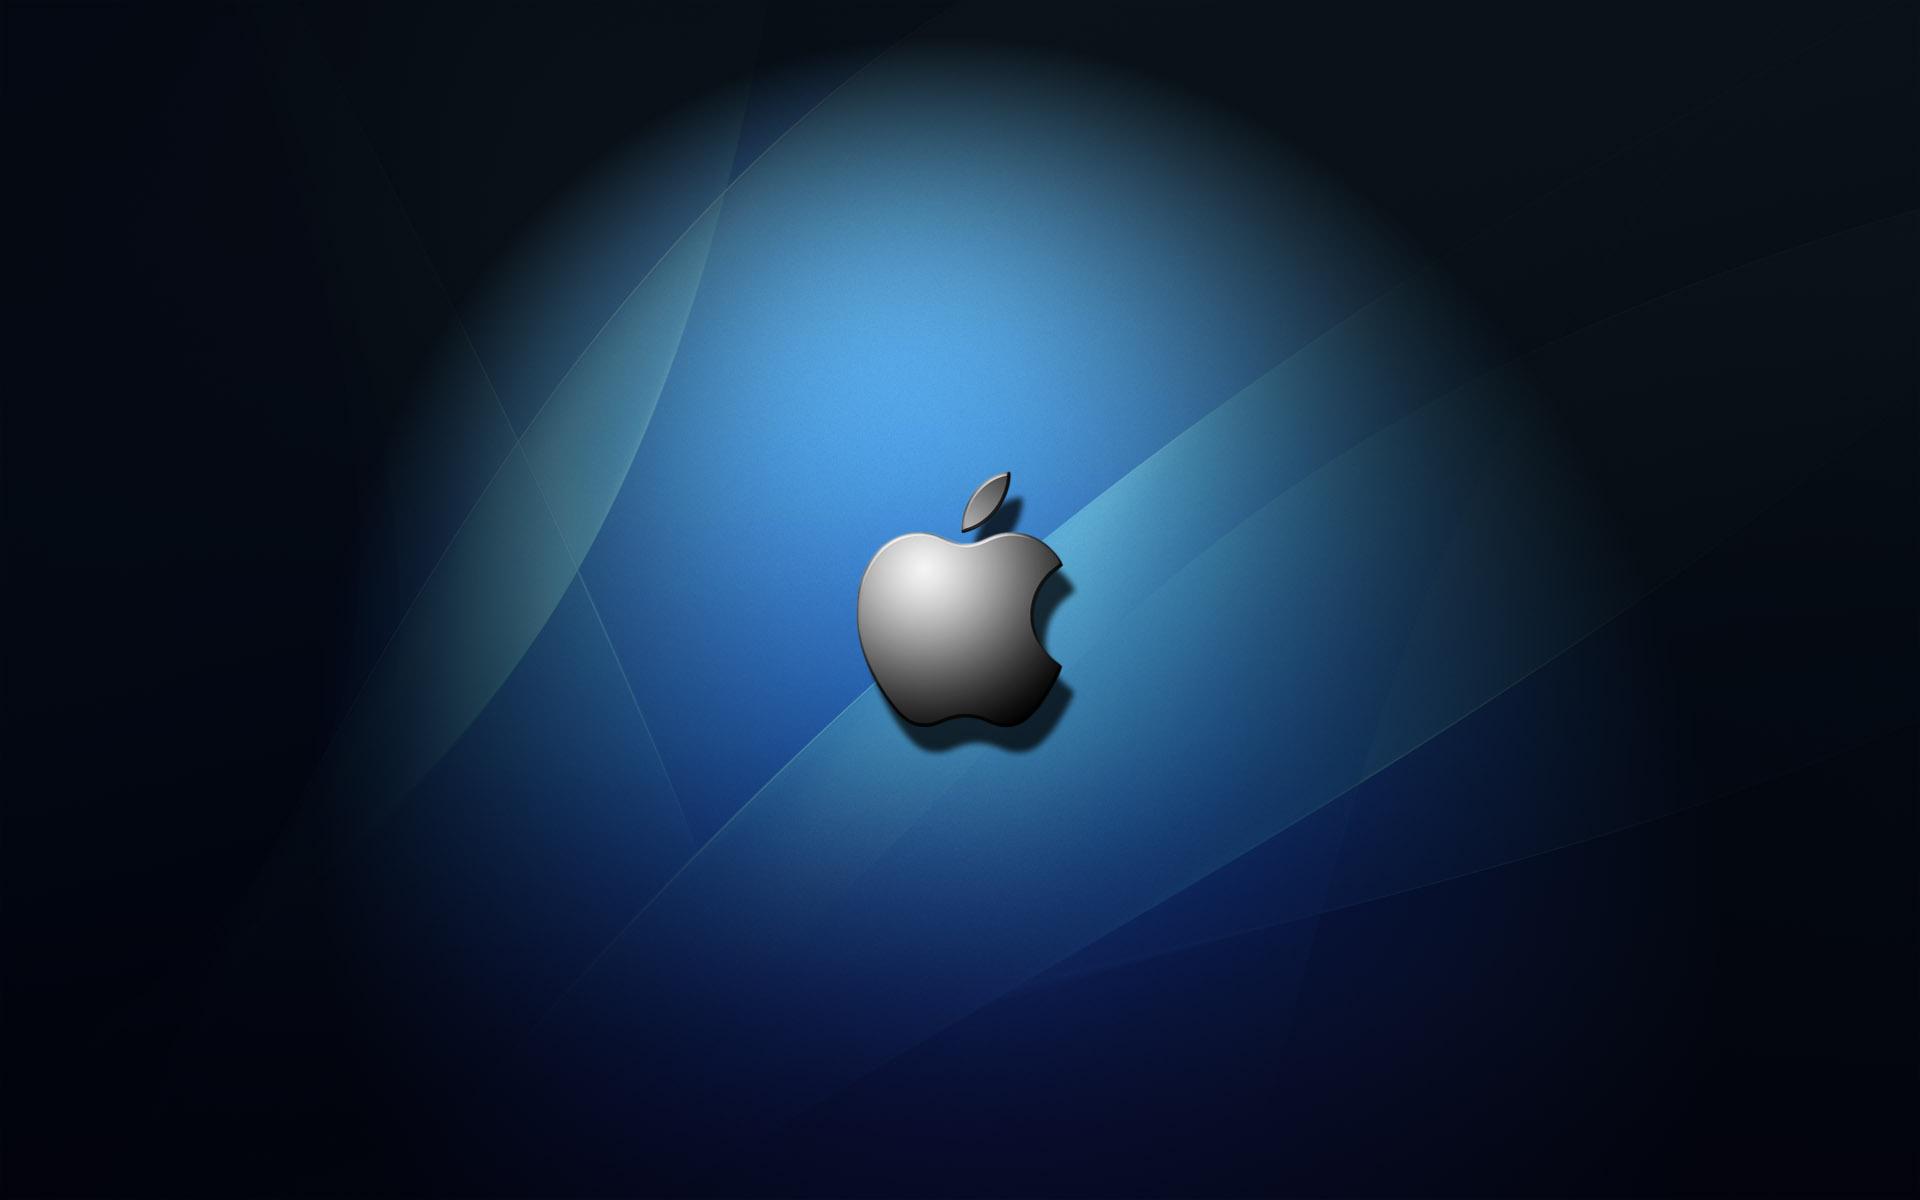 苹果电脑(apple)主题壁纸高清图片素材2(20p)[中国网